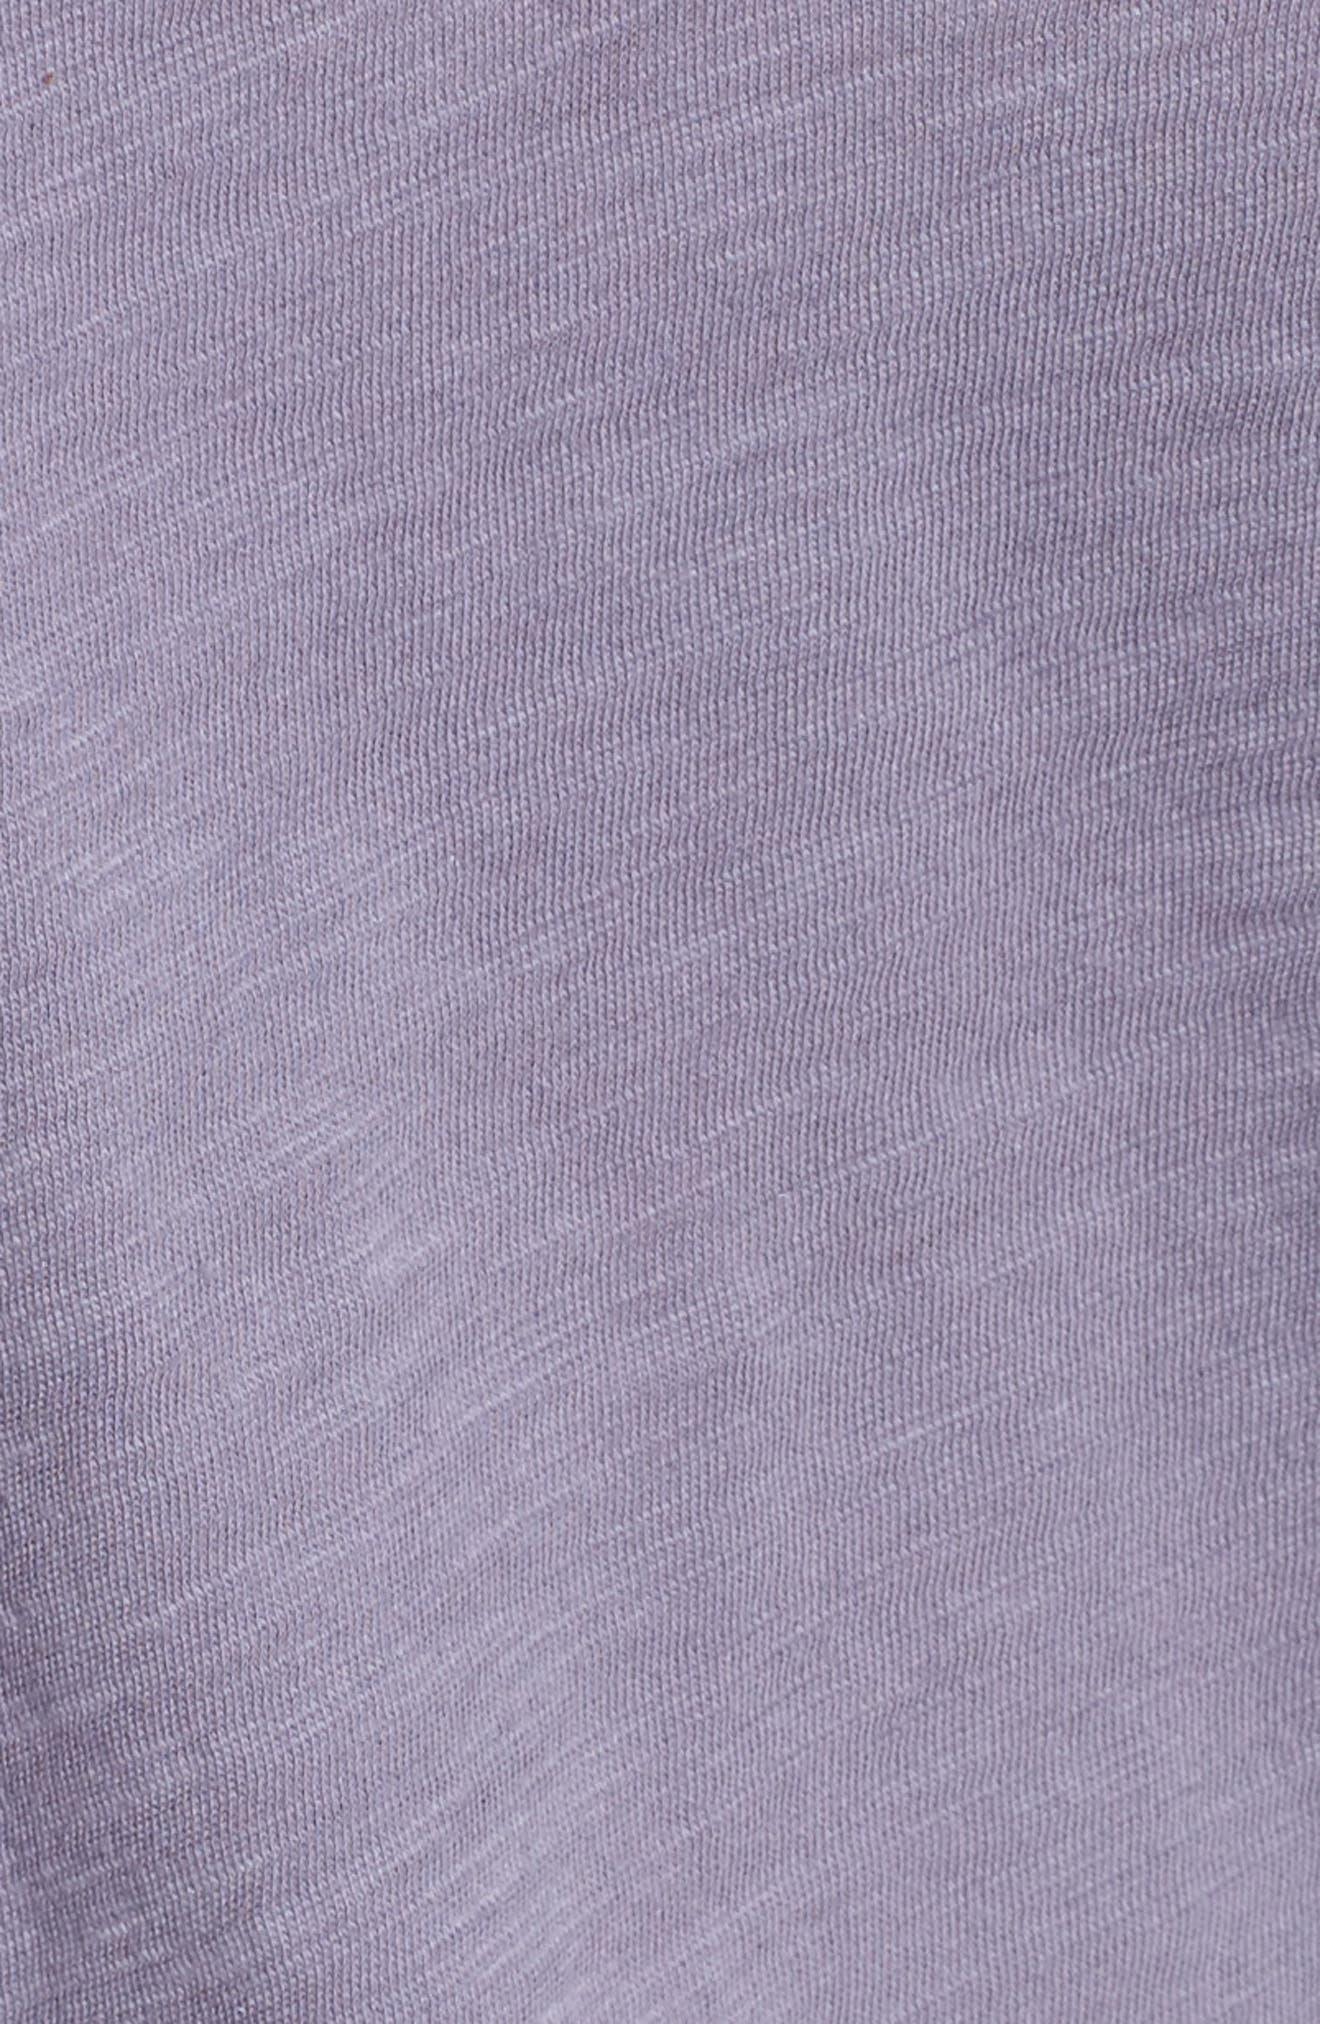 Alternate Image 5  - Madewell Whisper Cotton V-Neck Pocket Tee